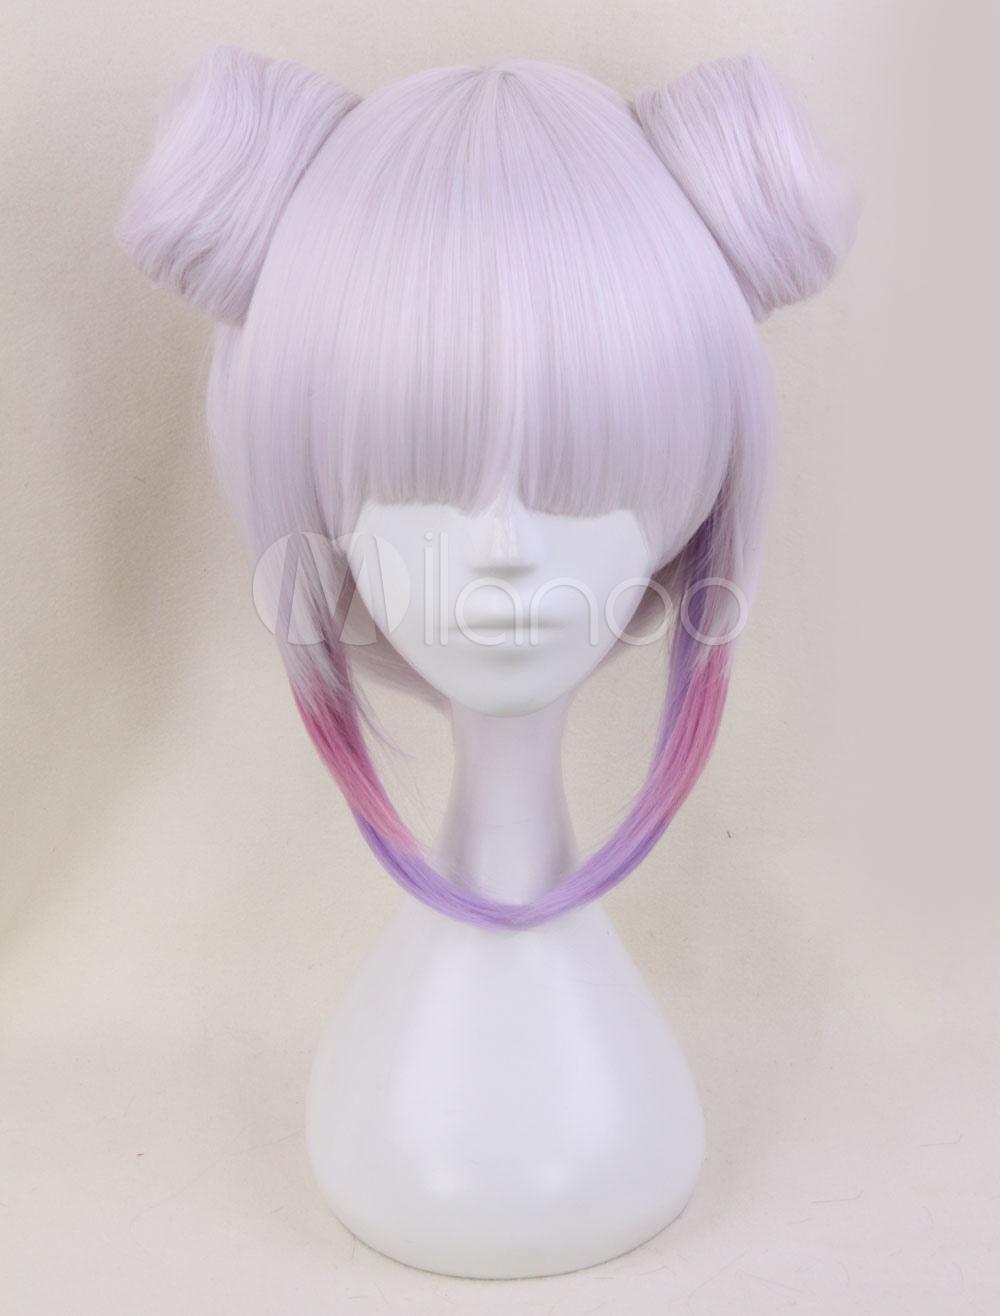 Miss Kobayashi's Dragon Maid Kanna Kamui Kawaii Cosplay Wig Halloween